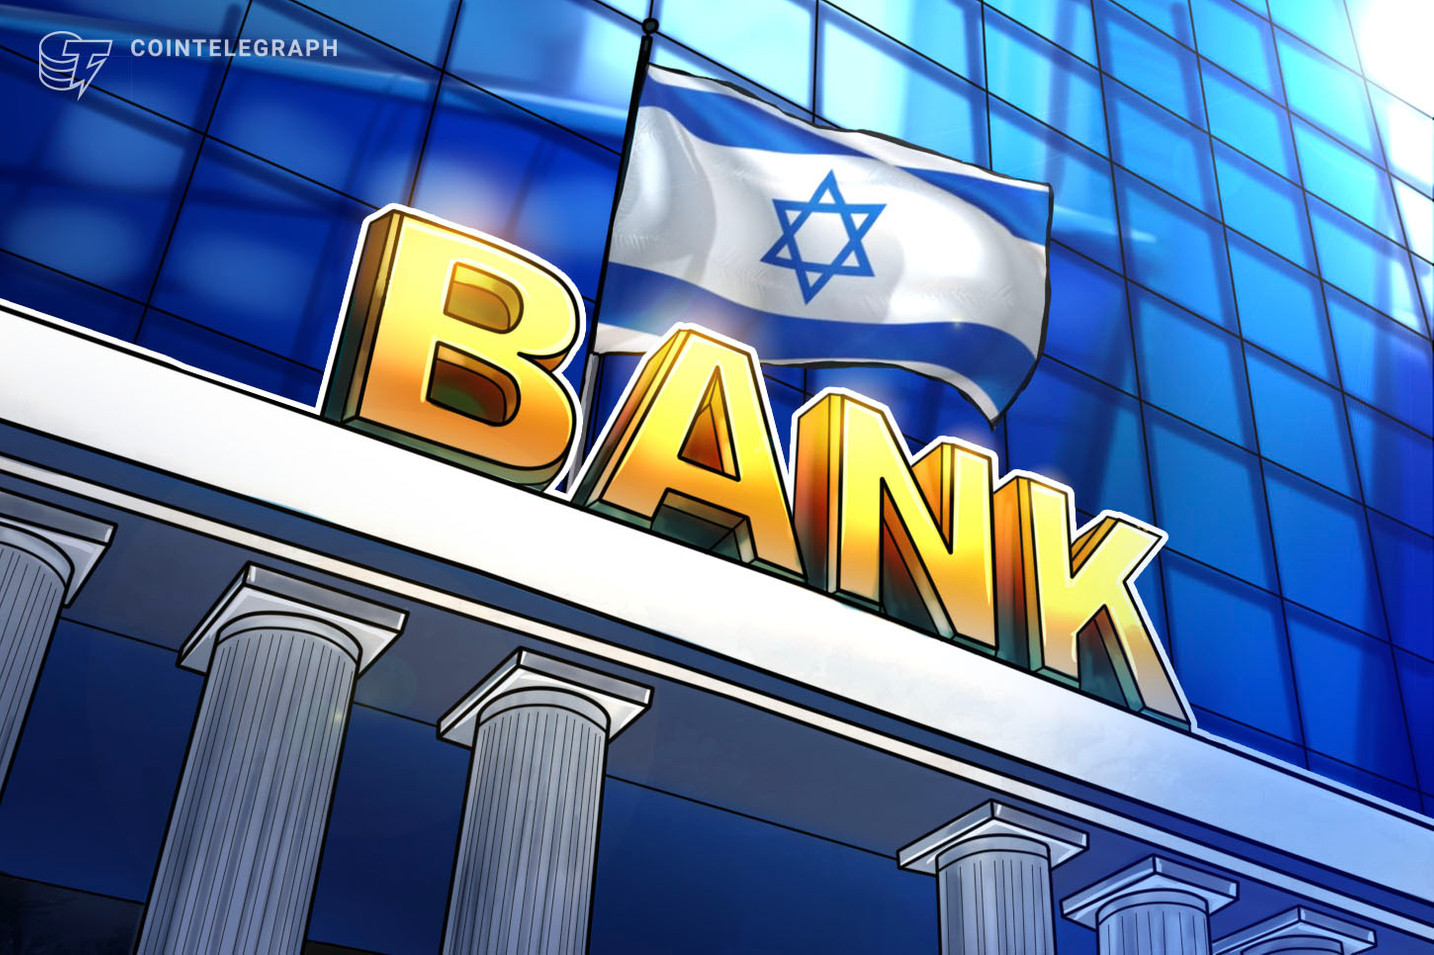 نائب محافظ بنك إسرائيل يؤكد أن مشروع الشيكل الرقمي التجريبي قيد الإعداد